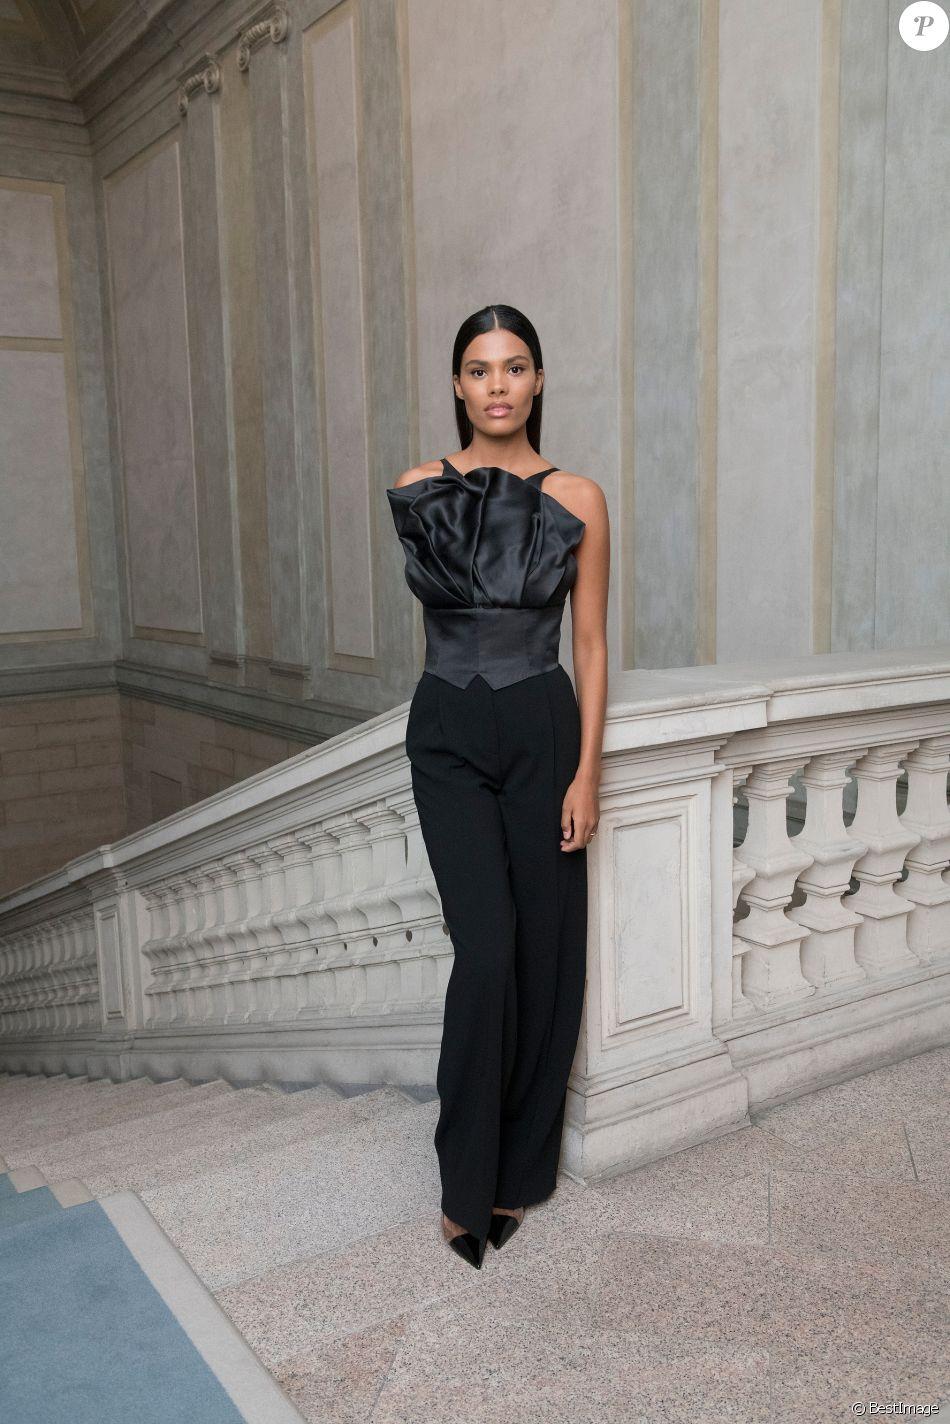 Tina Kunakey au défilé Giorgio Armani, collection prêt-à-porter printemps-été 2020, à Milan. Le 21 septembre 2019.